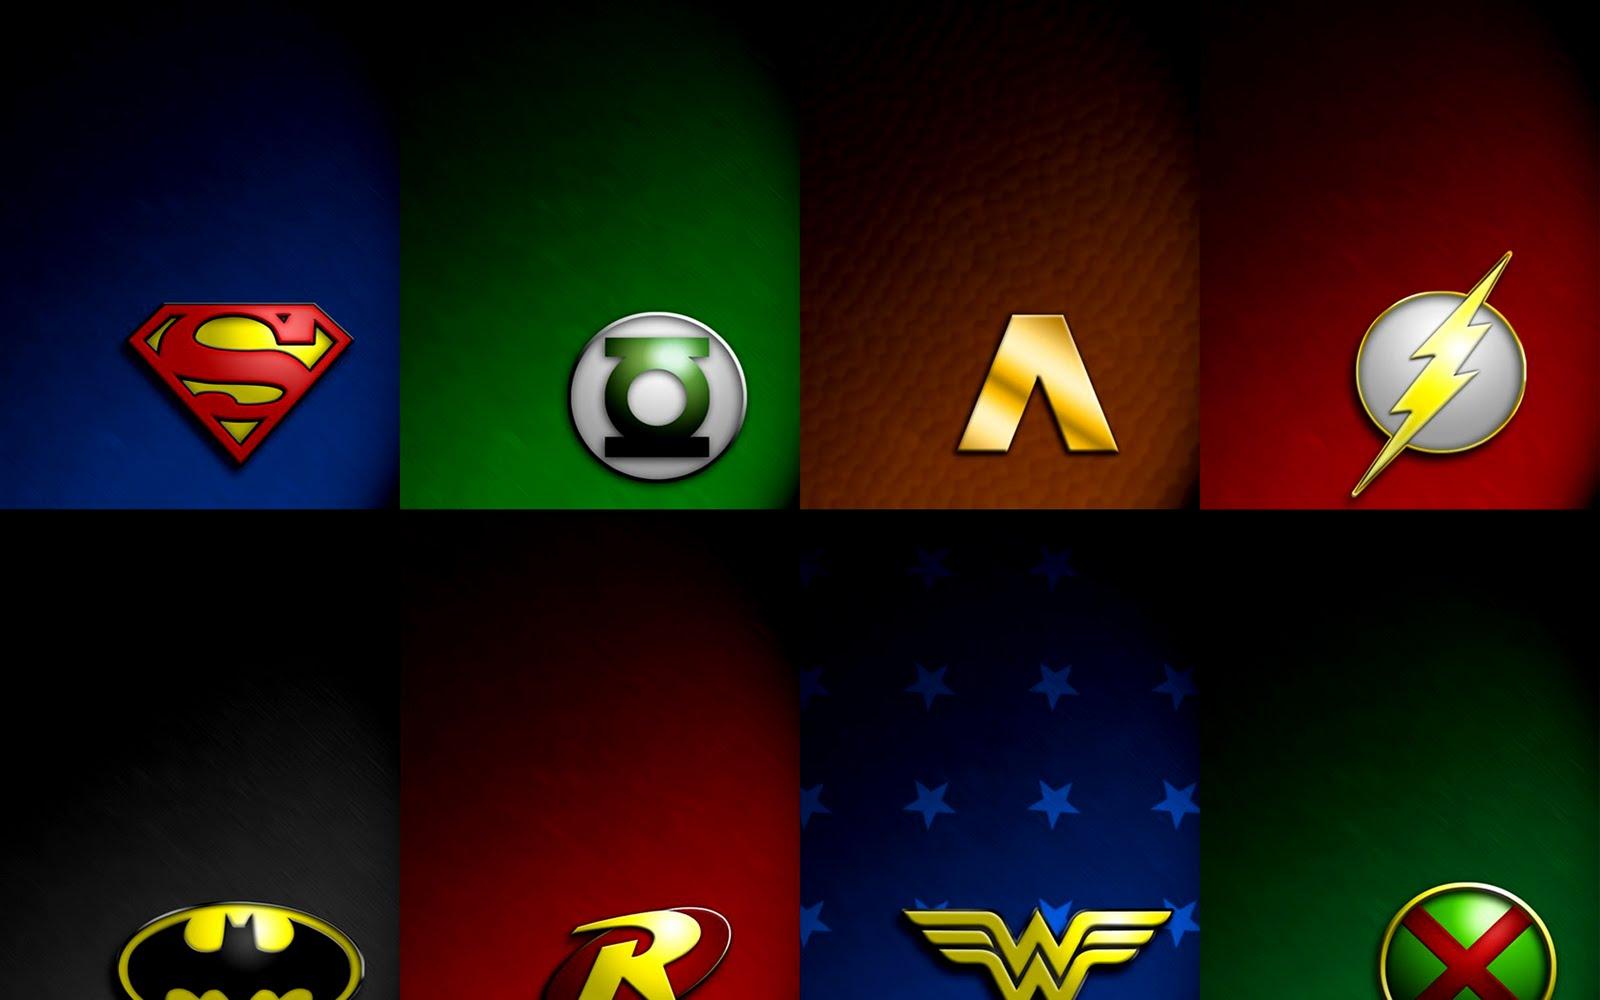 dc superheroes wallpaper - wallpapersafari